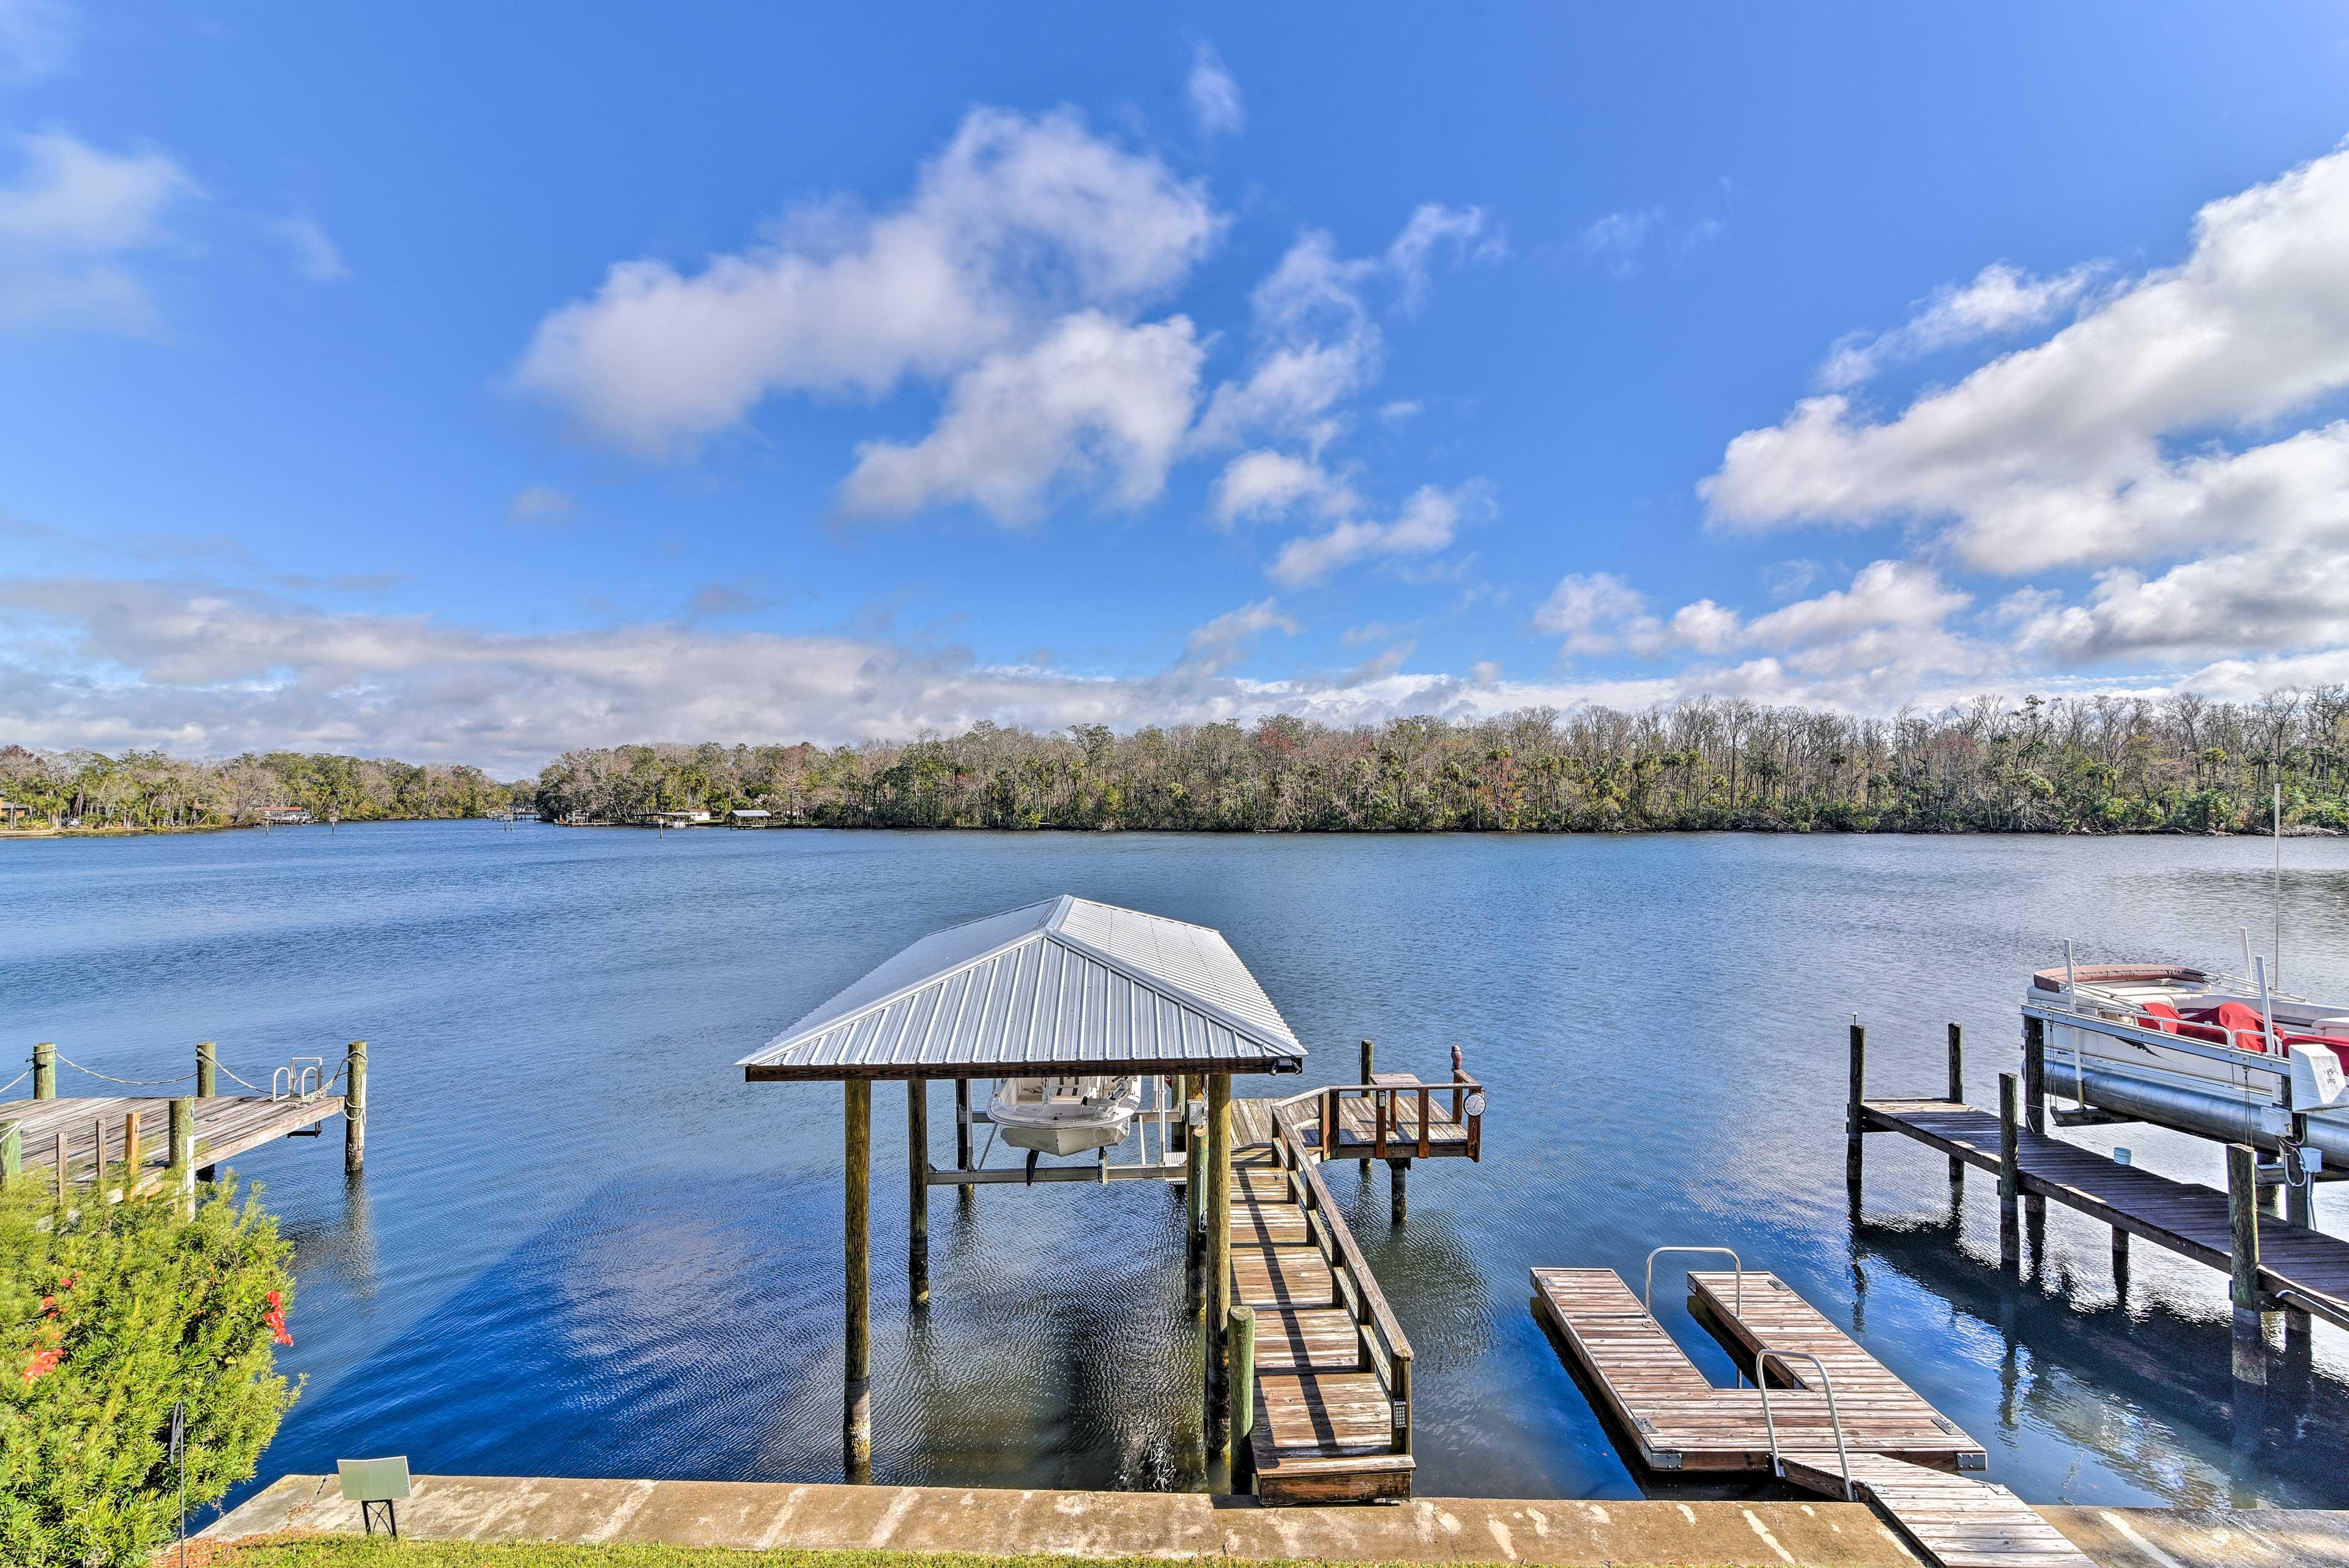 Soak in the Florida sun at 'La Casa Del Rio' a 2BR/2BA Homosassa Springs home.